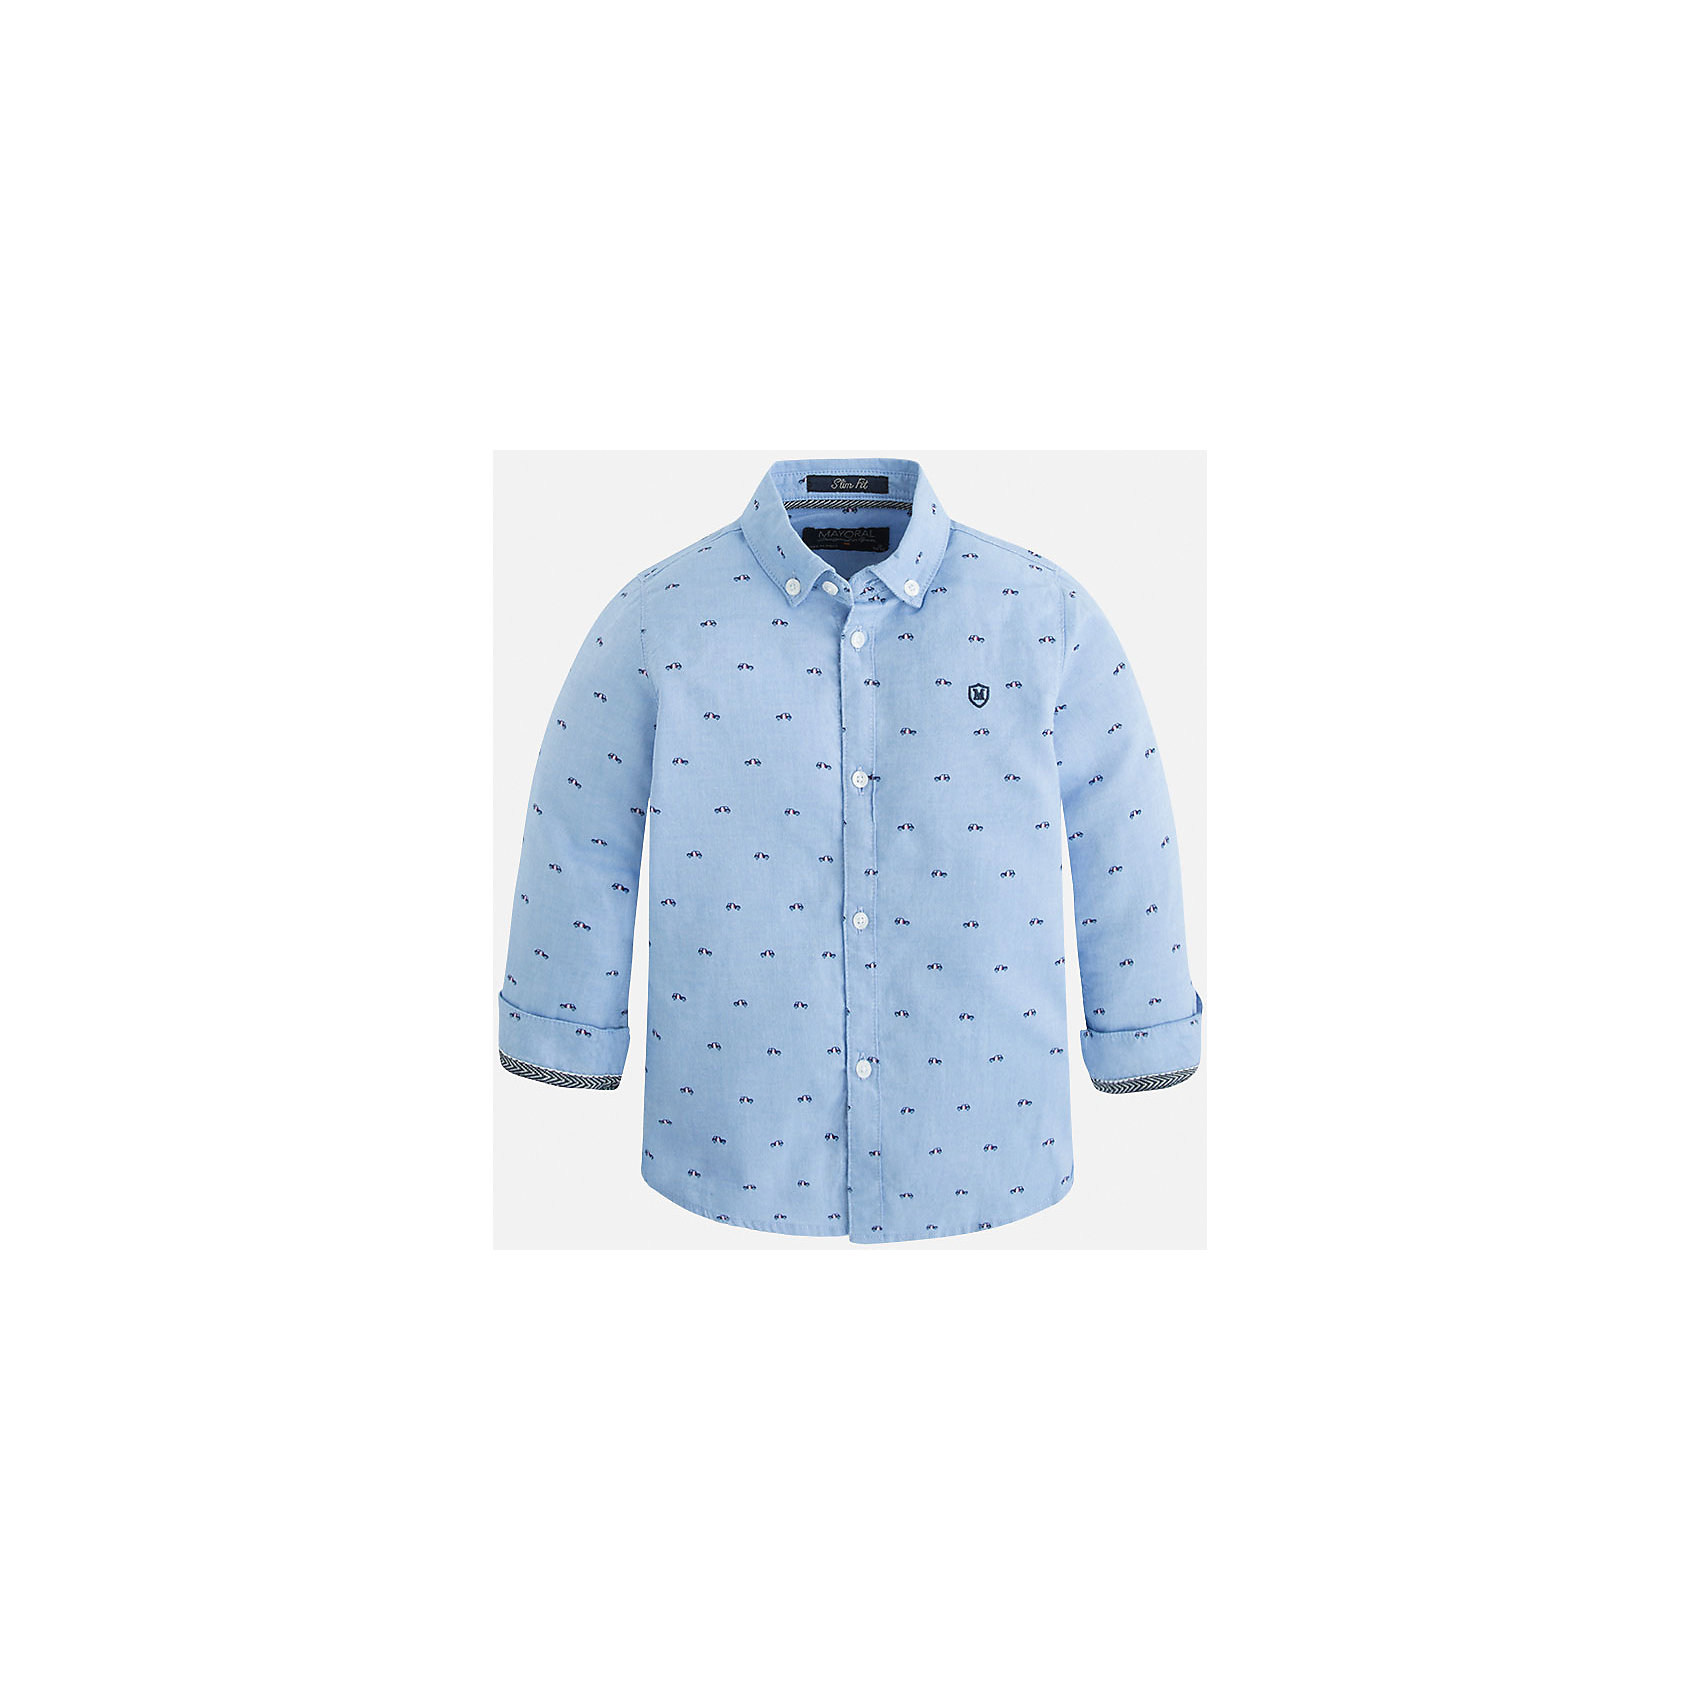 Рубашка для мальчика MayoralРубашка для мальчика Mayoral (Майорал) – это стильная модная и практичная модель.<br>Рубашка с длинными рукавами от известной испанской марки Mayoral (Майорал), выполненная из натурального хлопка, станет прекрасным дополнением гардероба вашего мальчика. Рубашка застегивается на пуговицы, декорирована небольшой монограммой на груди и контрастным кантом на манжетах. Уголки воротника пристегиваются на пуговицы к ткани рубашки. Оригинальный принт в виде маленьких машин обязательно понравится вашему маленькому автолюбителю. Комфортный крой гарантирует свободу движений.<br><br>Дополнительная информация:<br><br>- Цвет: небесно-голубой<br>- Состав: 100% хлопок<br>- Уход: бережная стирка при 30 градусах<br><br>Рубашку для мальчика Mayoral (Майорал) можно купить в нашем интернет-магазине.<br><br>Ширина мм: 174<br>Глубина мм: 10<br>Высота мм: 169<br>Вес г: 157<br>Цвет: голубой<br>Возраст от месяцев: 24<br>Возраст до месяцев: 36<br>Пол: Мужской<br>Возраст: Детский<br>Размер: 98,134,128,122,116,110,104<br>SKU: 4821158